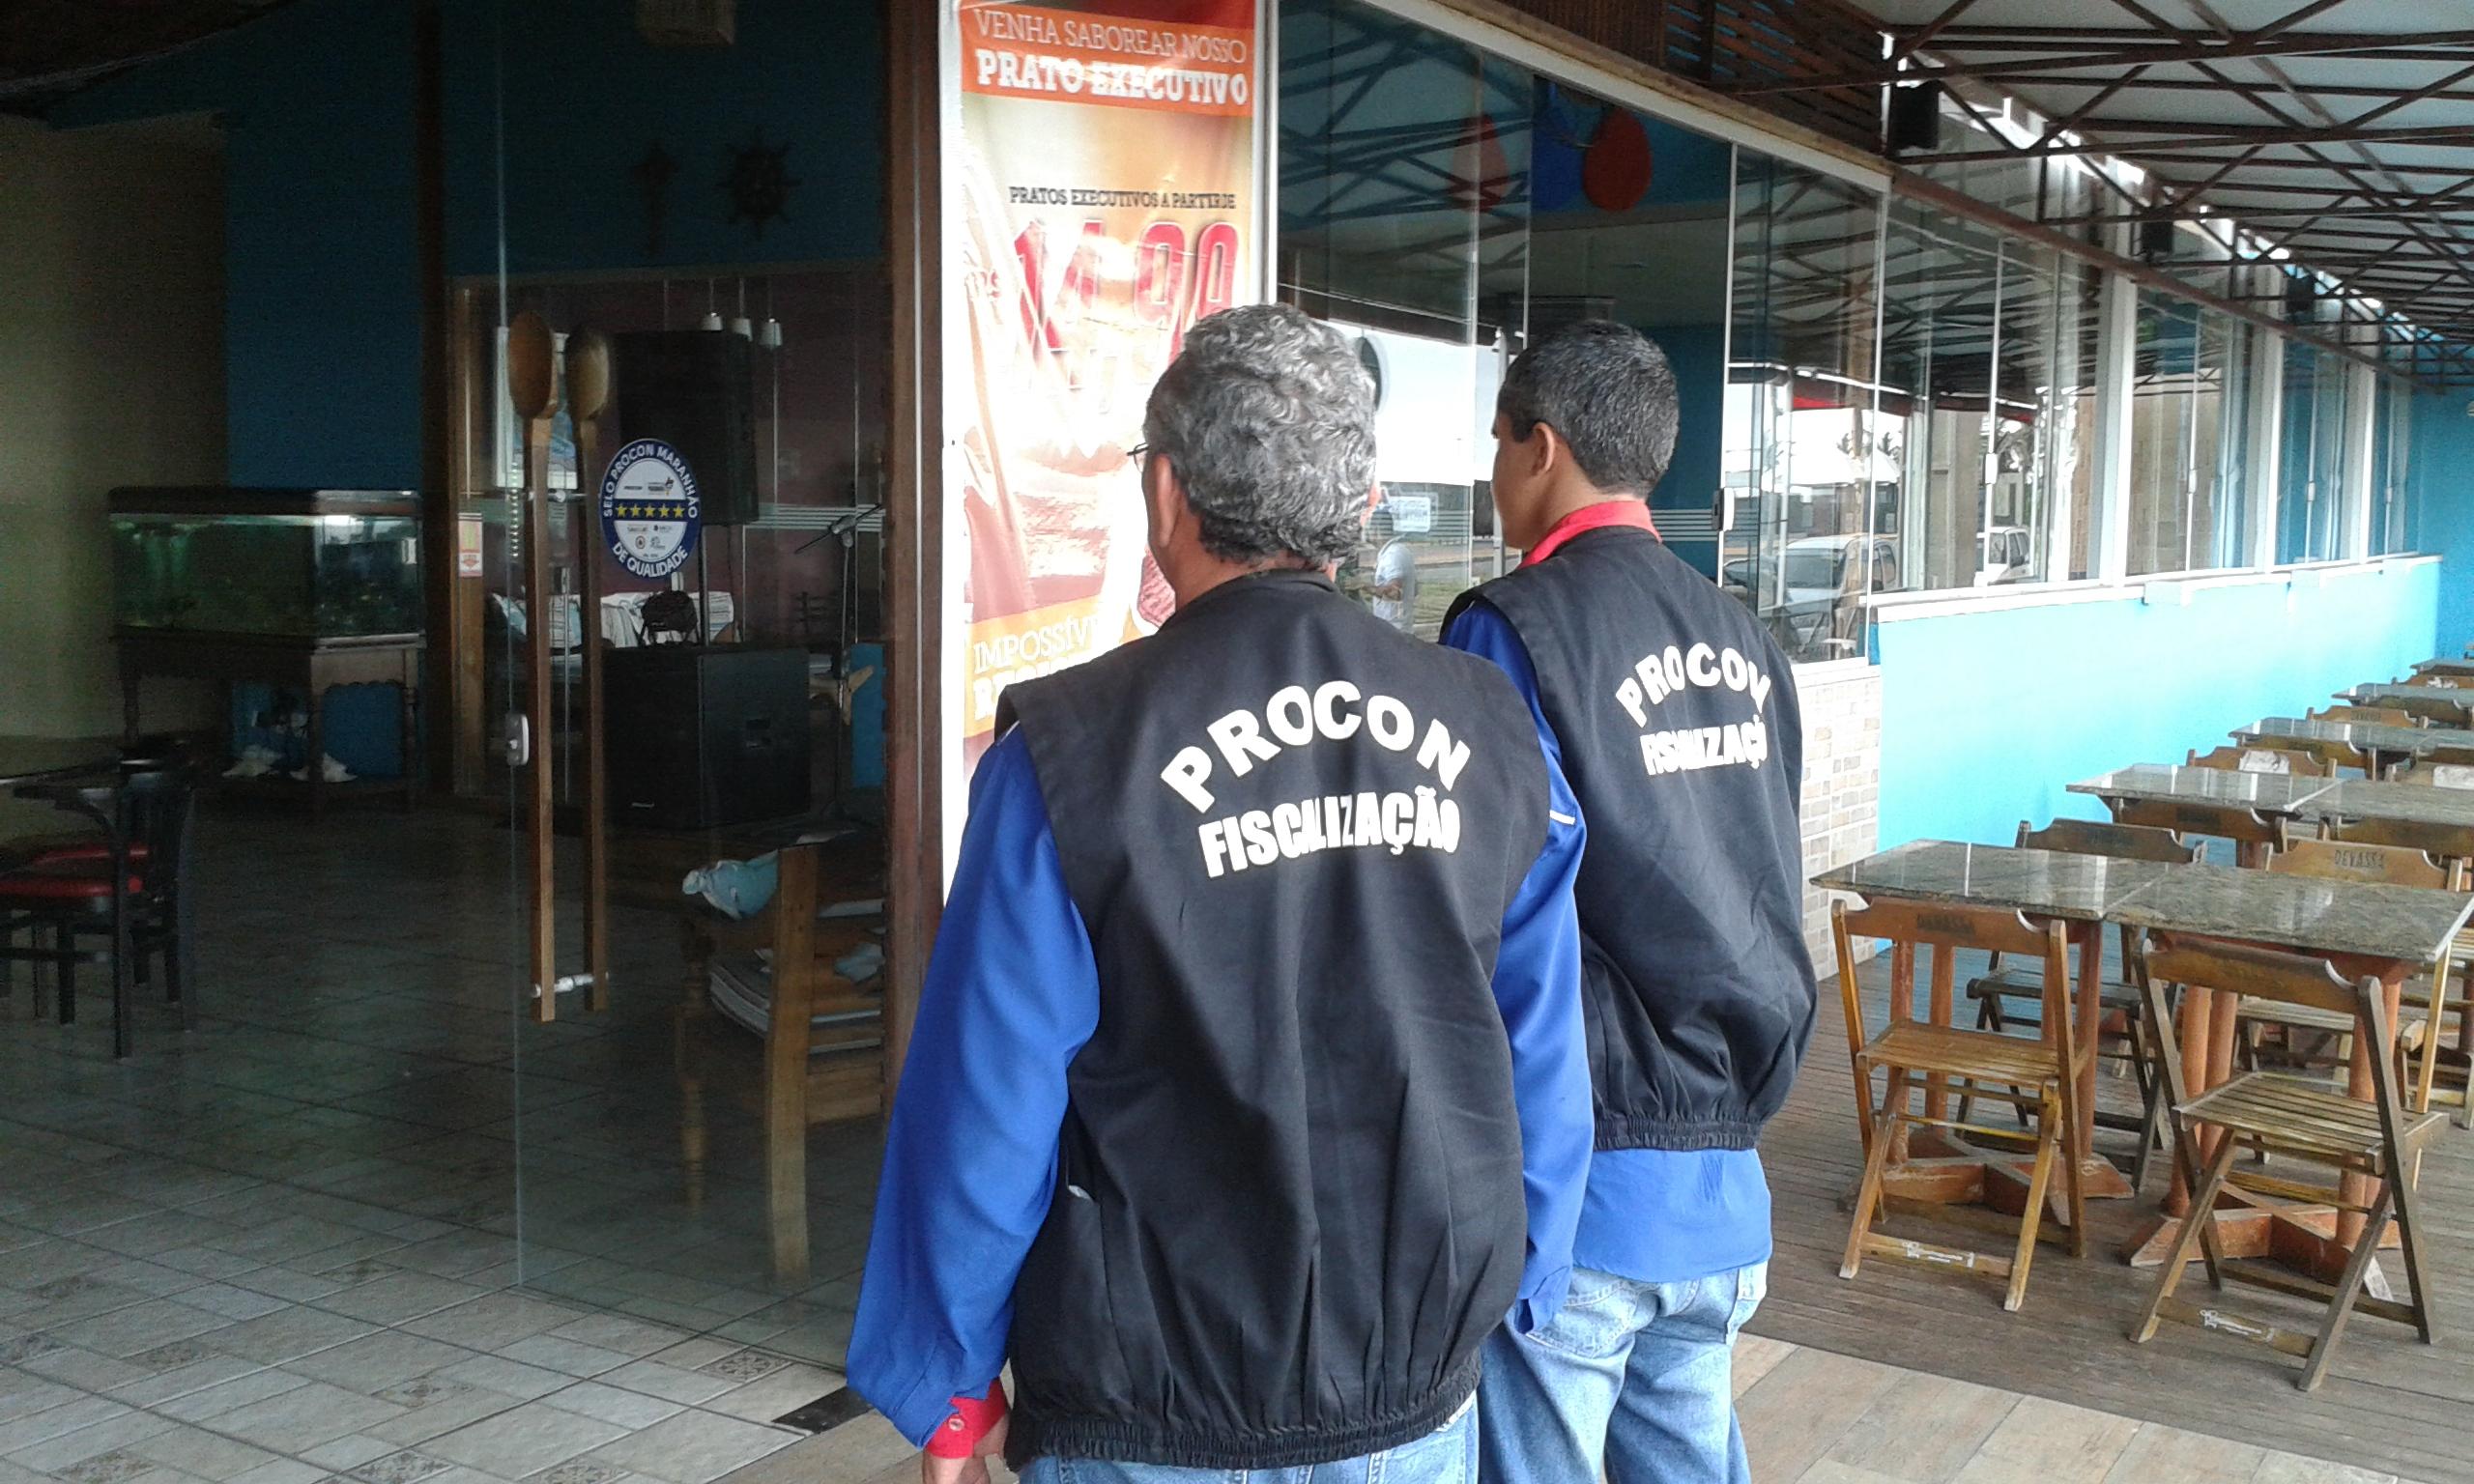 FOTO 2 - Equipe de fiscalização do PROCON vistoriando bares e restaurantes